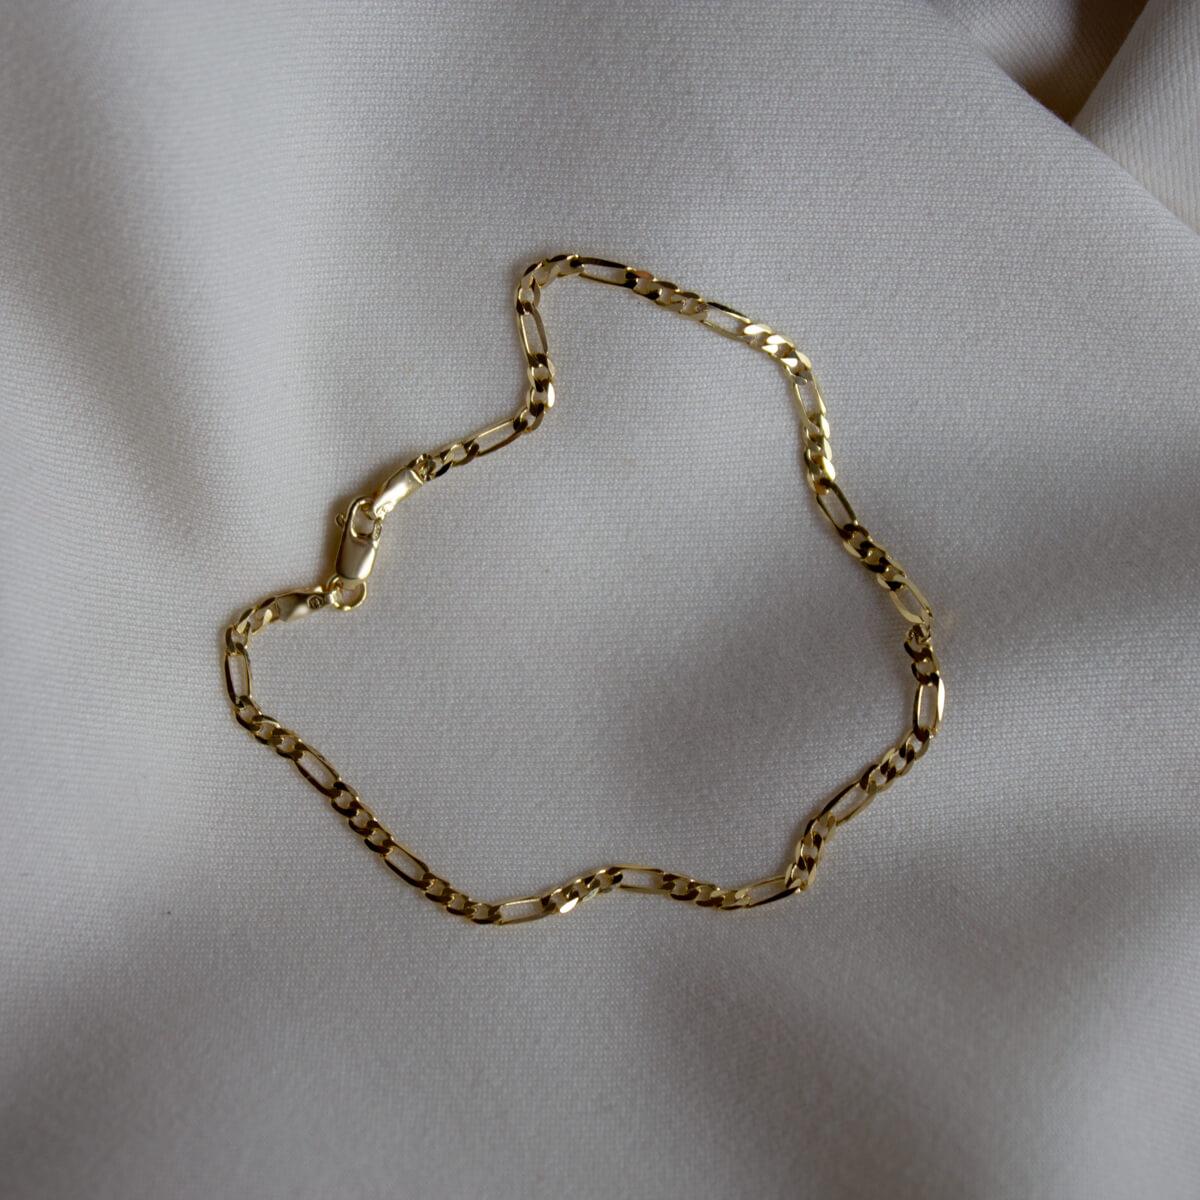 Złota bransoletka o splocie figaro na jasnym materiale.